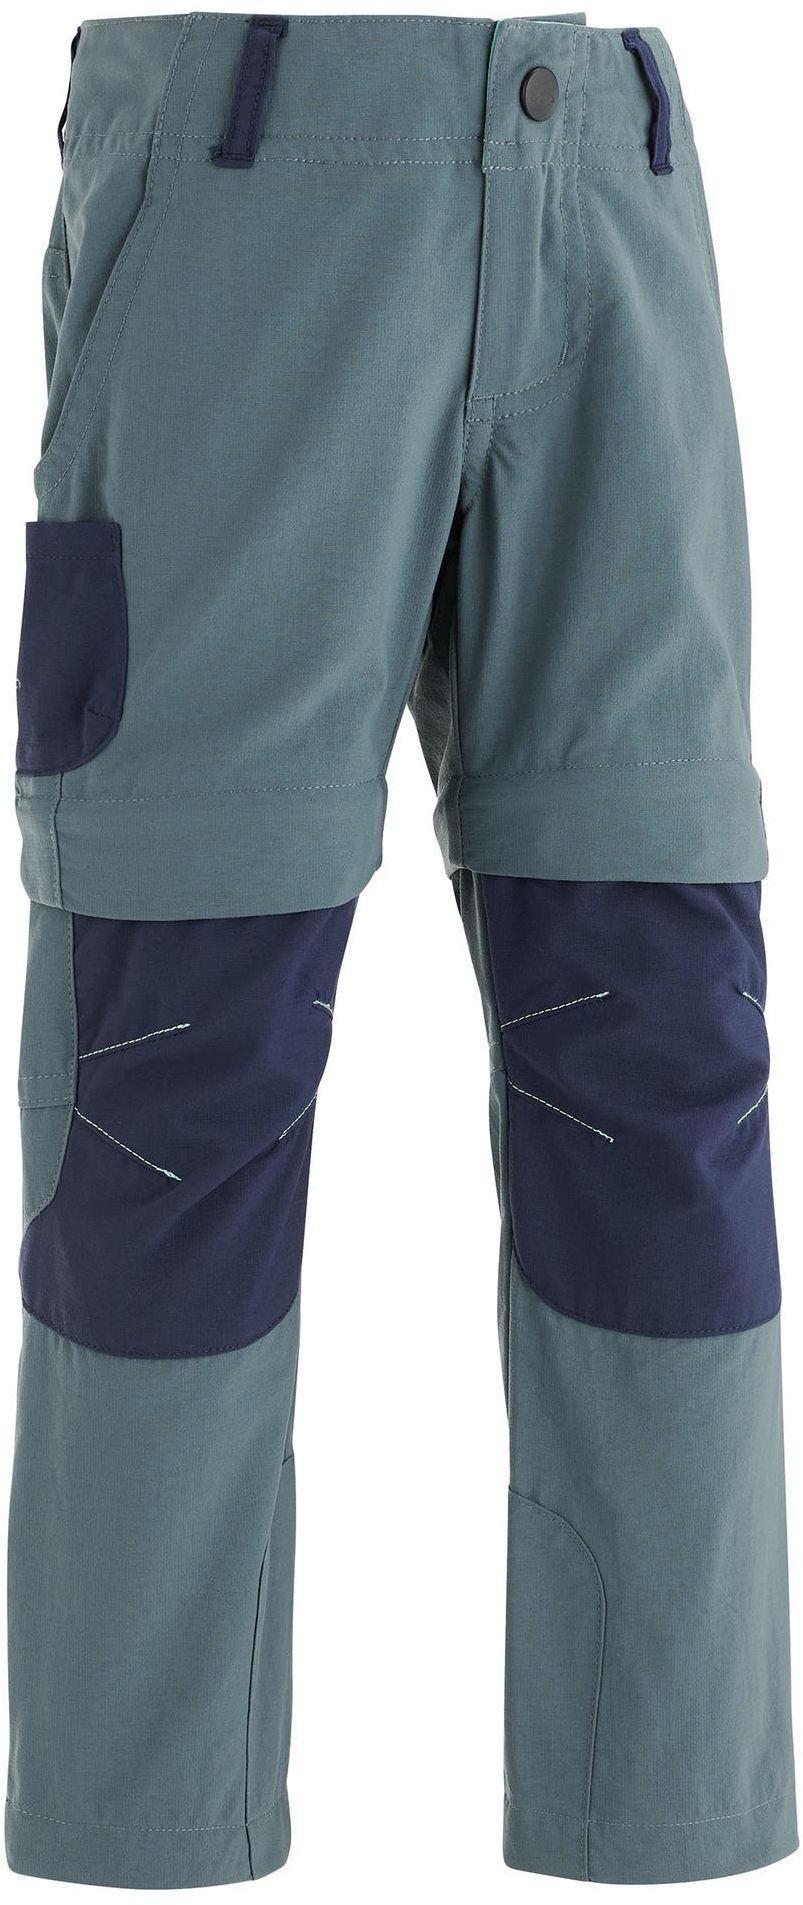 Spodnie turystyczne dla dzieci Quechua MH500 2w1 -2-6 lat